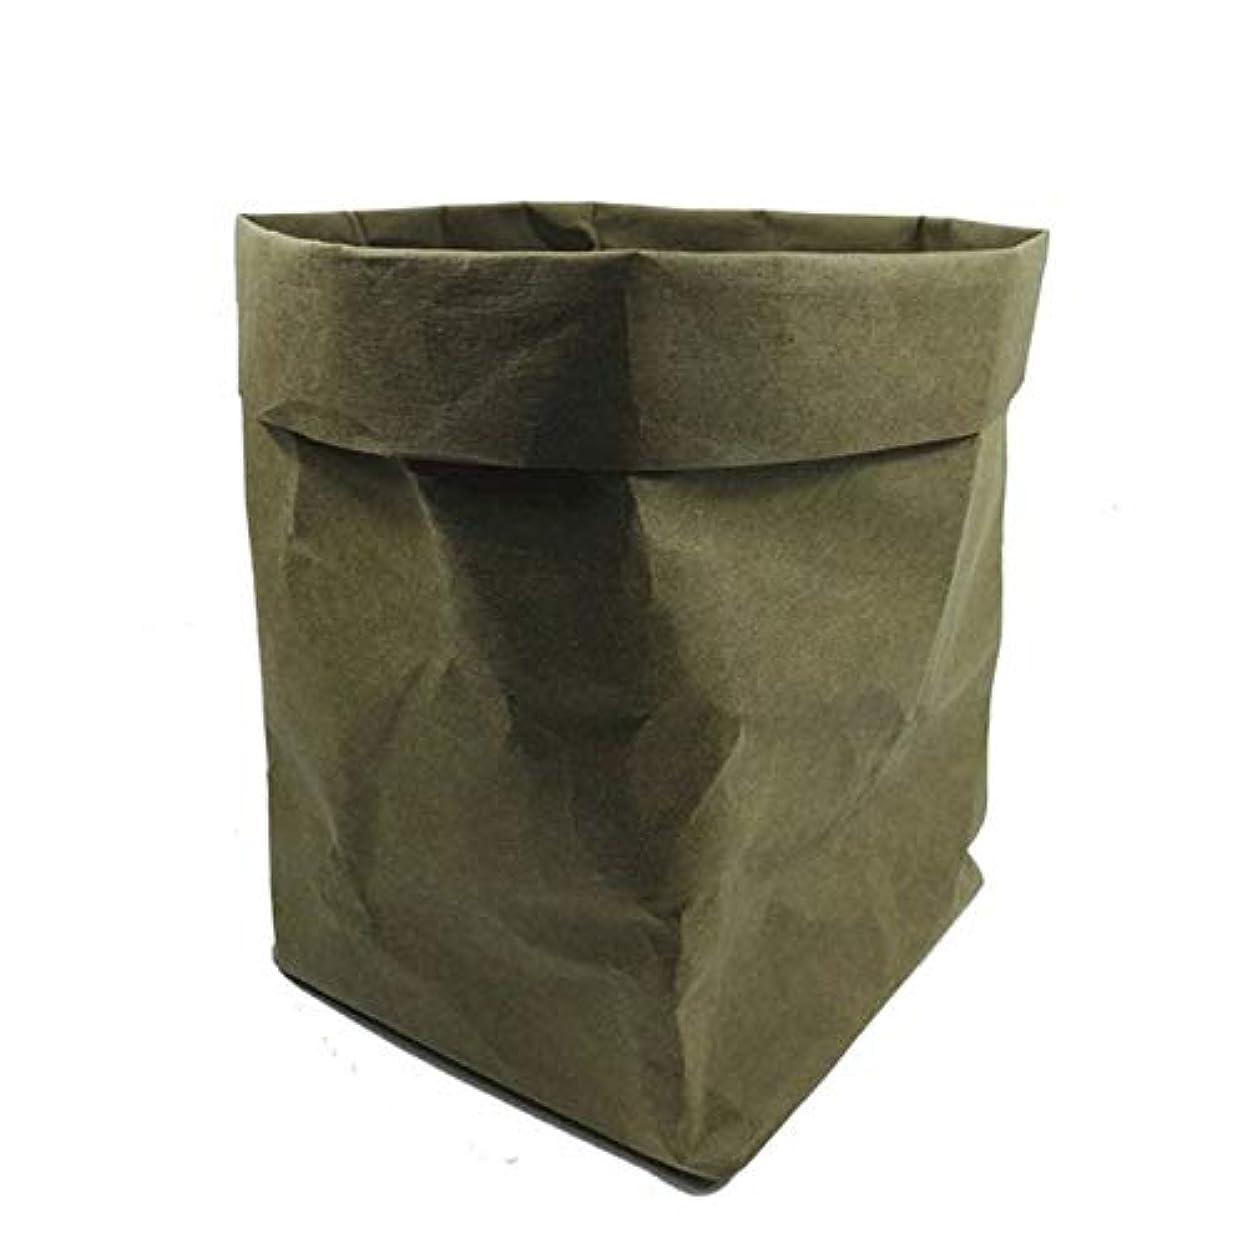 アラブサラボエンドウくしゃみHENAN ミニ多肉植物プランターポット洗えるクラフト紙の植木鉢クリエイティブデスクトップフラワーポット再利用可能多機能ホームストレージバッグ (Color : Green, Size : 8x8x15cm)